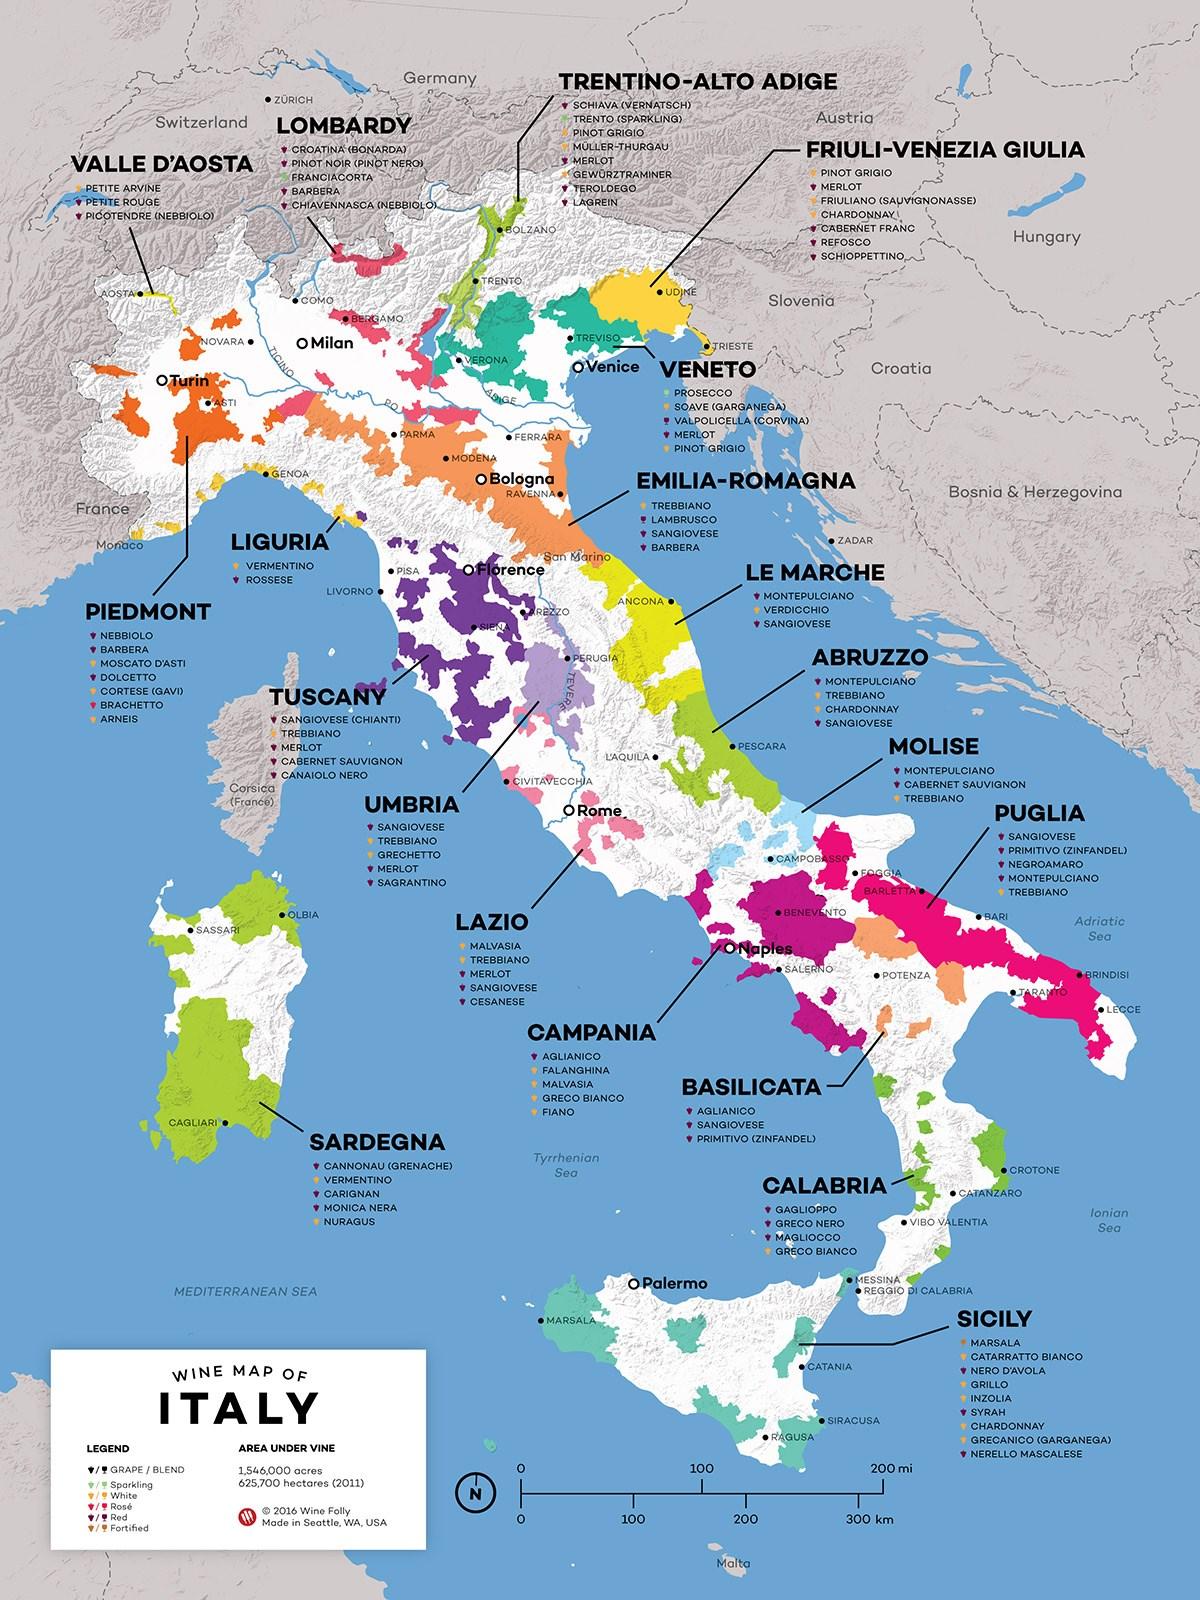 Regione per regione la mappa dei vini italiani